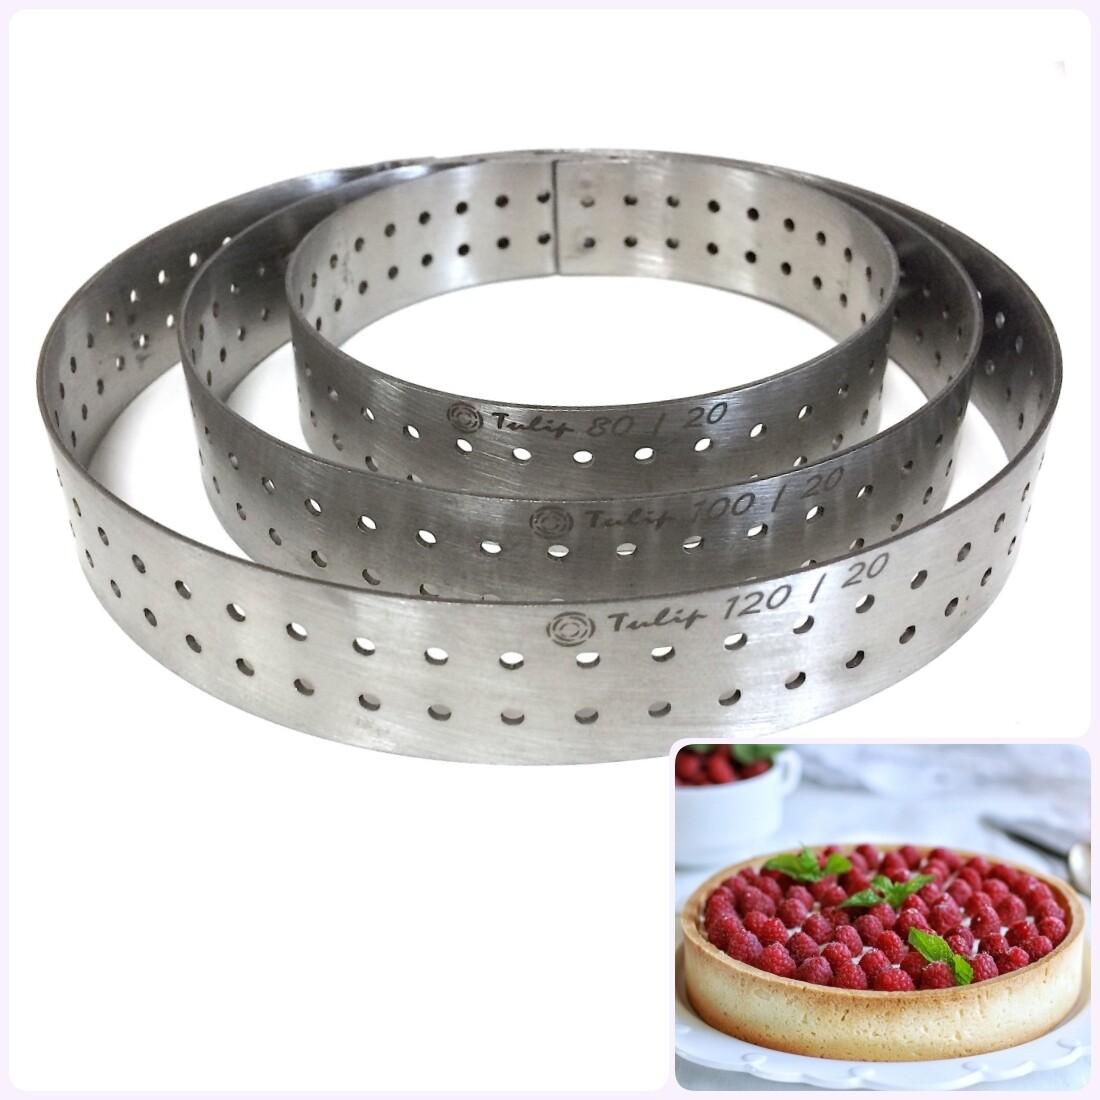 Формы для выпечки нерж.сталь перфорир.   Кольца (высота 2 см, Ø 8-30 см)